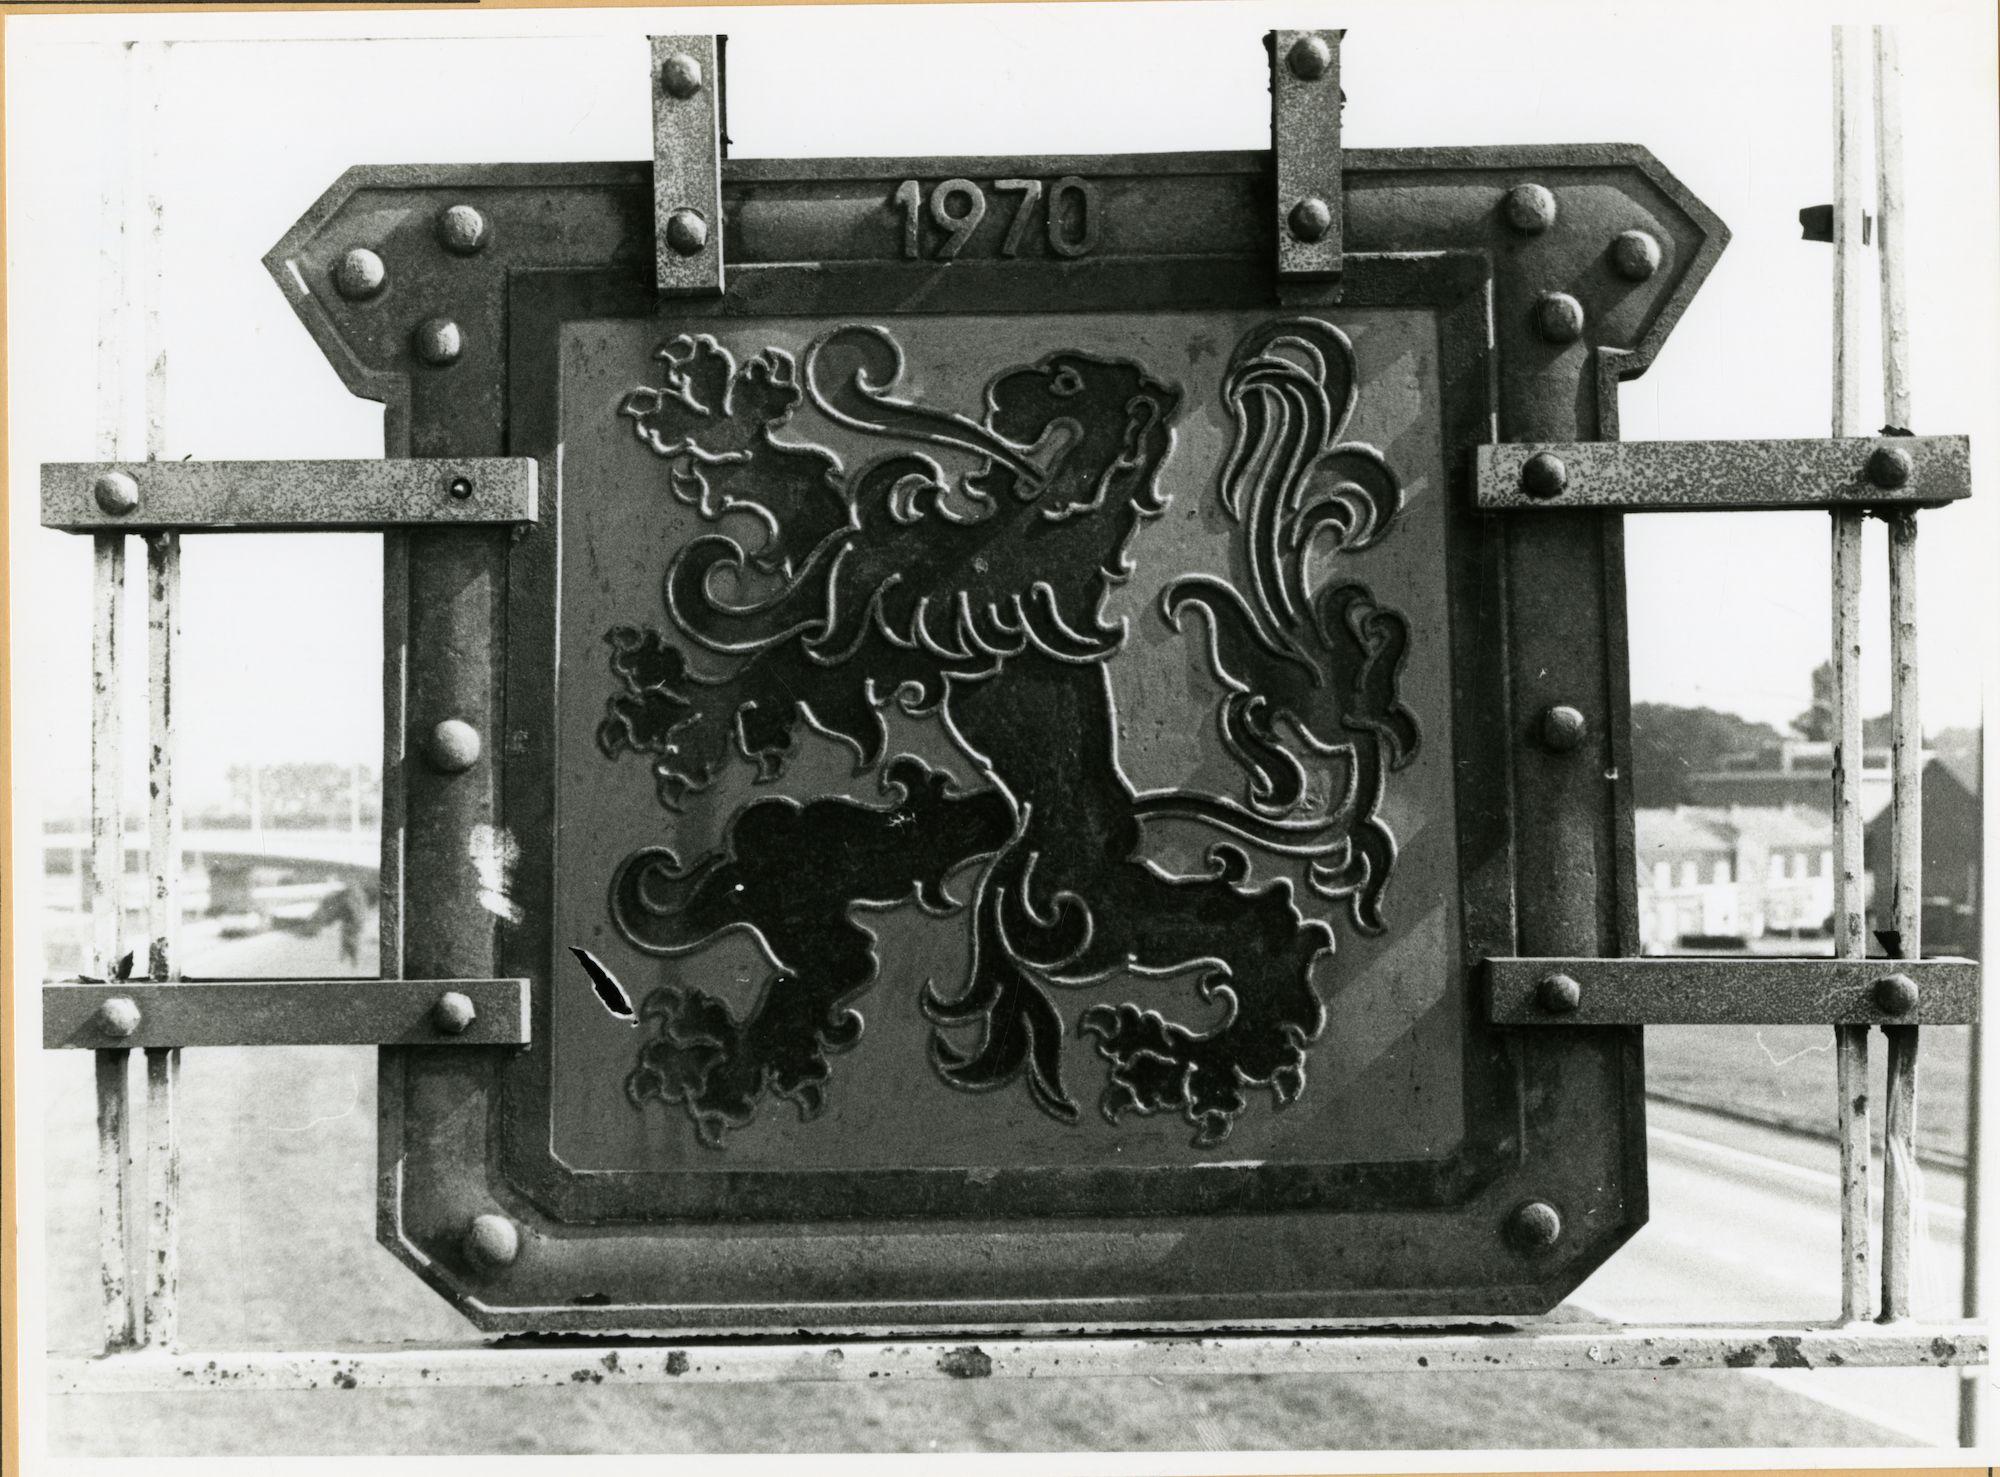 Gent: Corneel Heymanslaan: brug over autosnelweg: wapenschild, 1979